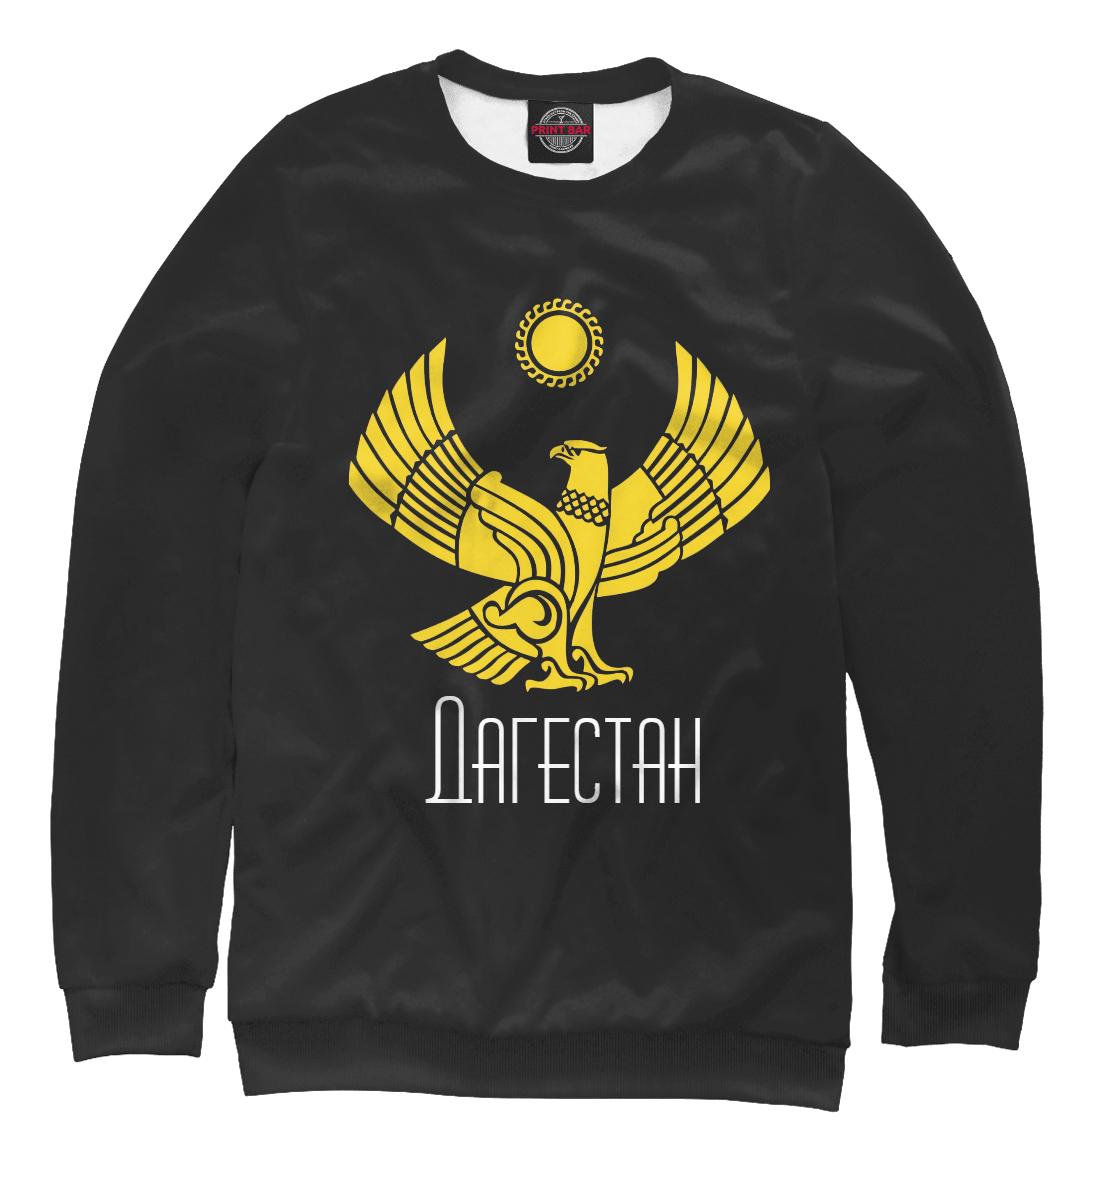 Дагестан, Printbar, Свитшоты, DAG-764060-swi-1  - купить со скидкой